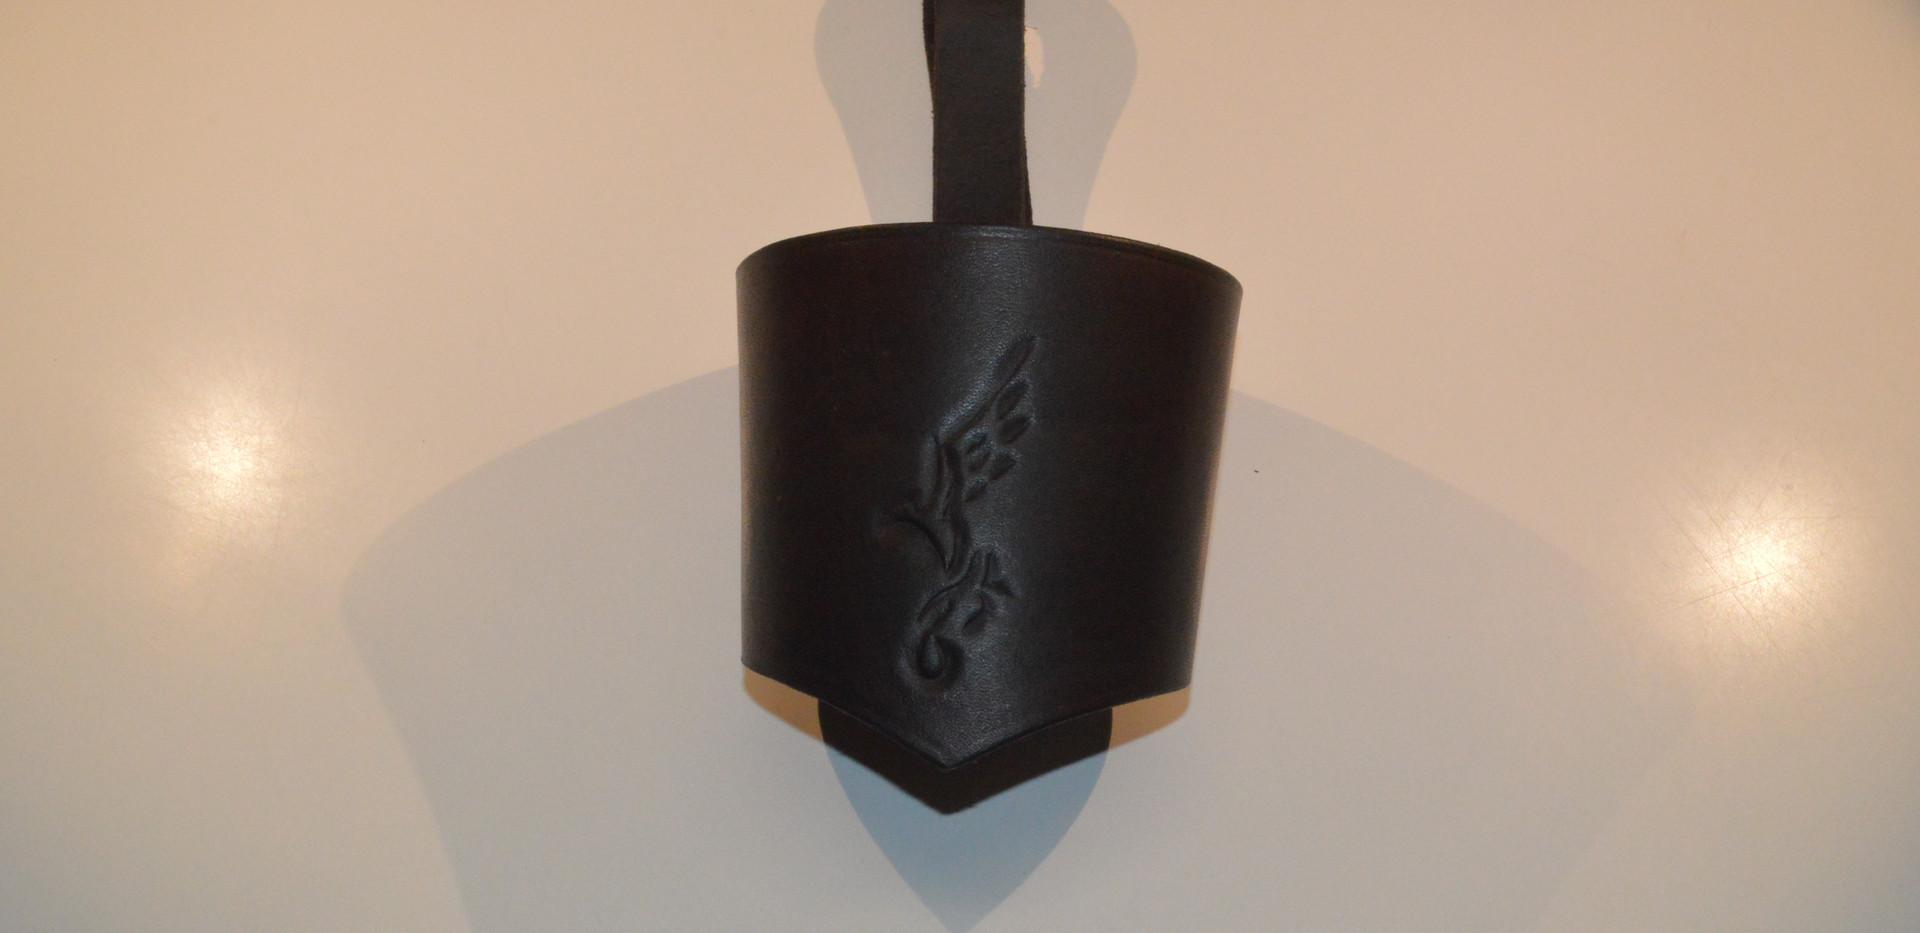 Porte-gobelet en cuir avec un repoussage d'oiseau brun foncé